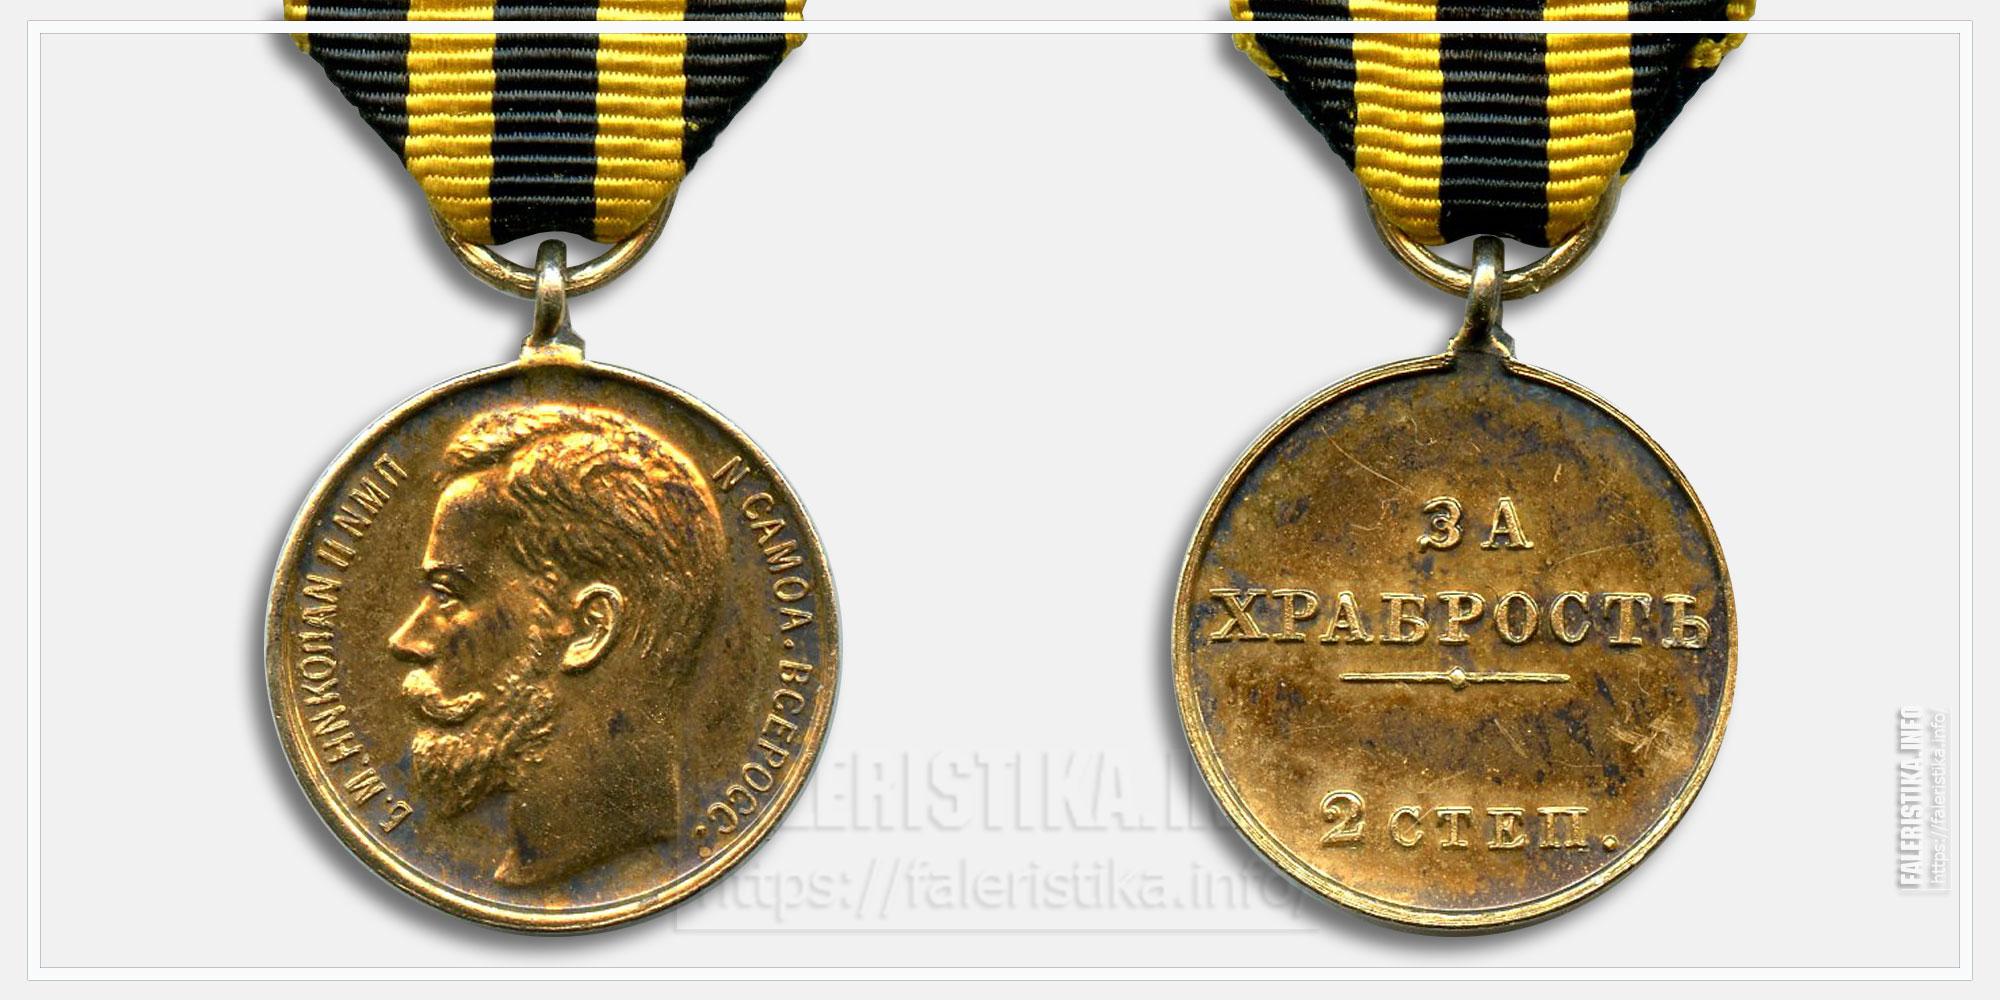 """Медаль """"За храбрость"""" Николай II 2 степени. Миниатюра"""